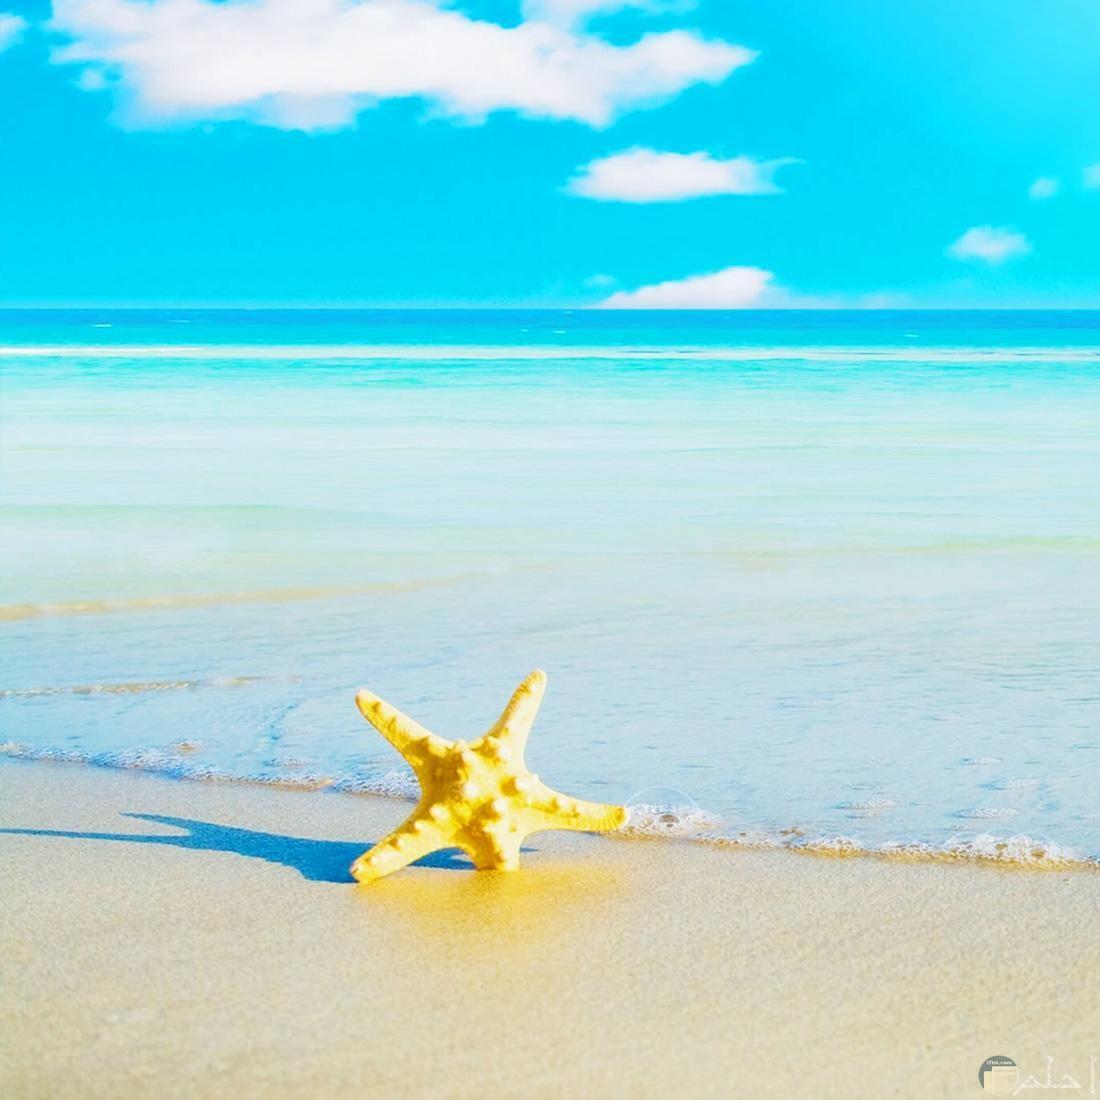 هدوء و جمال الشاطئ.